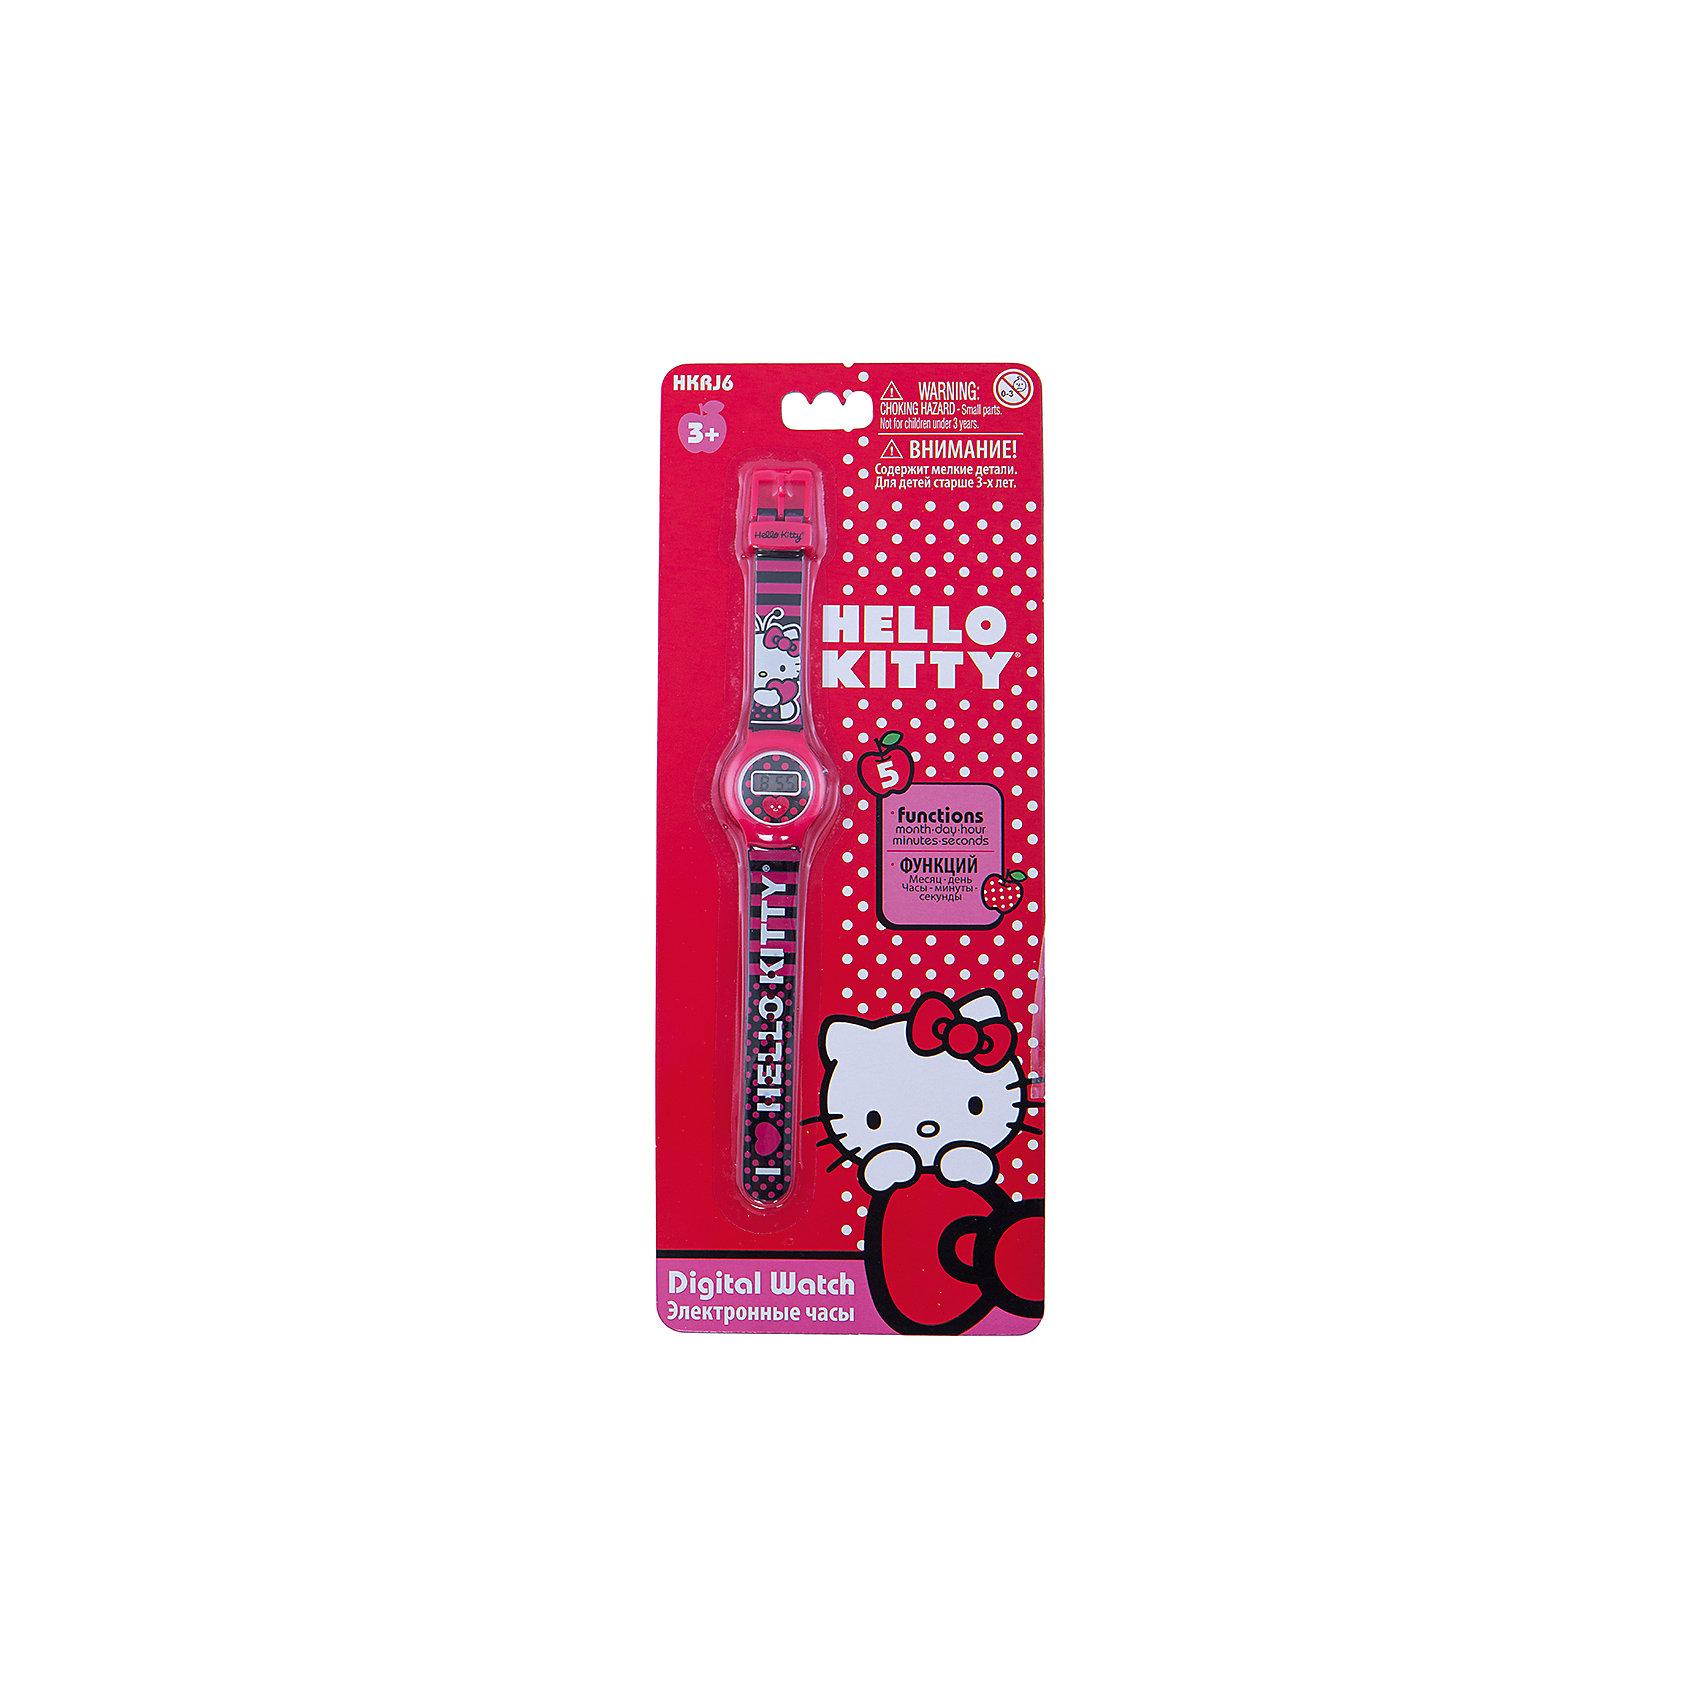 Часы наручные Hello KittyНОВИНКА 2014 года!!! Модные наручные электронные часы - не просто подарок, но и гарантия хорошего настроения, ведь это красивая вещь из качественного, безопасного для здоровья материала. Циферблат часов защищен от повреждений прочным пластиковым стеклом. Электронные часы имеют 5 функций: месяц – день, часы – минуты – секунды. Товар изготовлен полностью из высококачественной пластмассы с питанием от химических источников тока, 1 сменный элемент включен в комплект (LR41 (AG3) 1.5 V). Рекомендуемый возраст: от 3 лет.Размер изделия (без упаковки): 3х0,5х21 см (ДШВ)<br><br>Ширина мм: 170<br>Глубина мм: 157<br>Высота мм: 67<br>Вес г: 117<br>Возраст от месяцев: 36<br>Возраст до месяцев: 2147483647<br>Пол: Женский<br>Возраст: Детский<br>SKU: 4424075